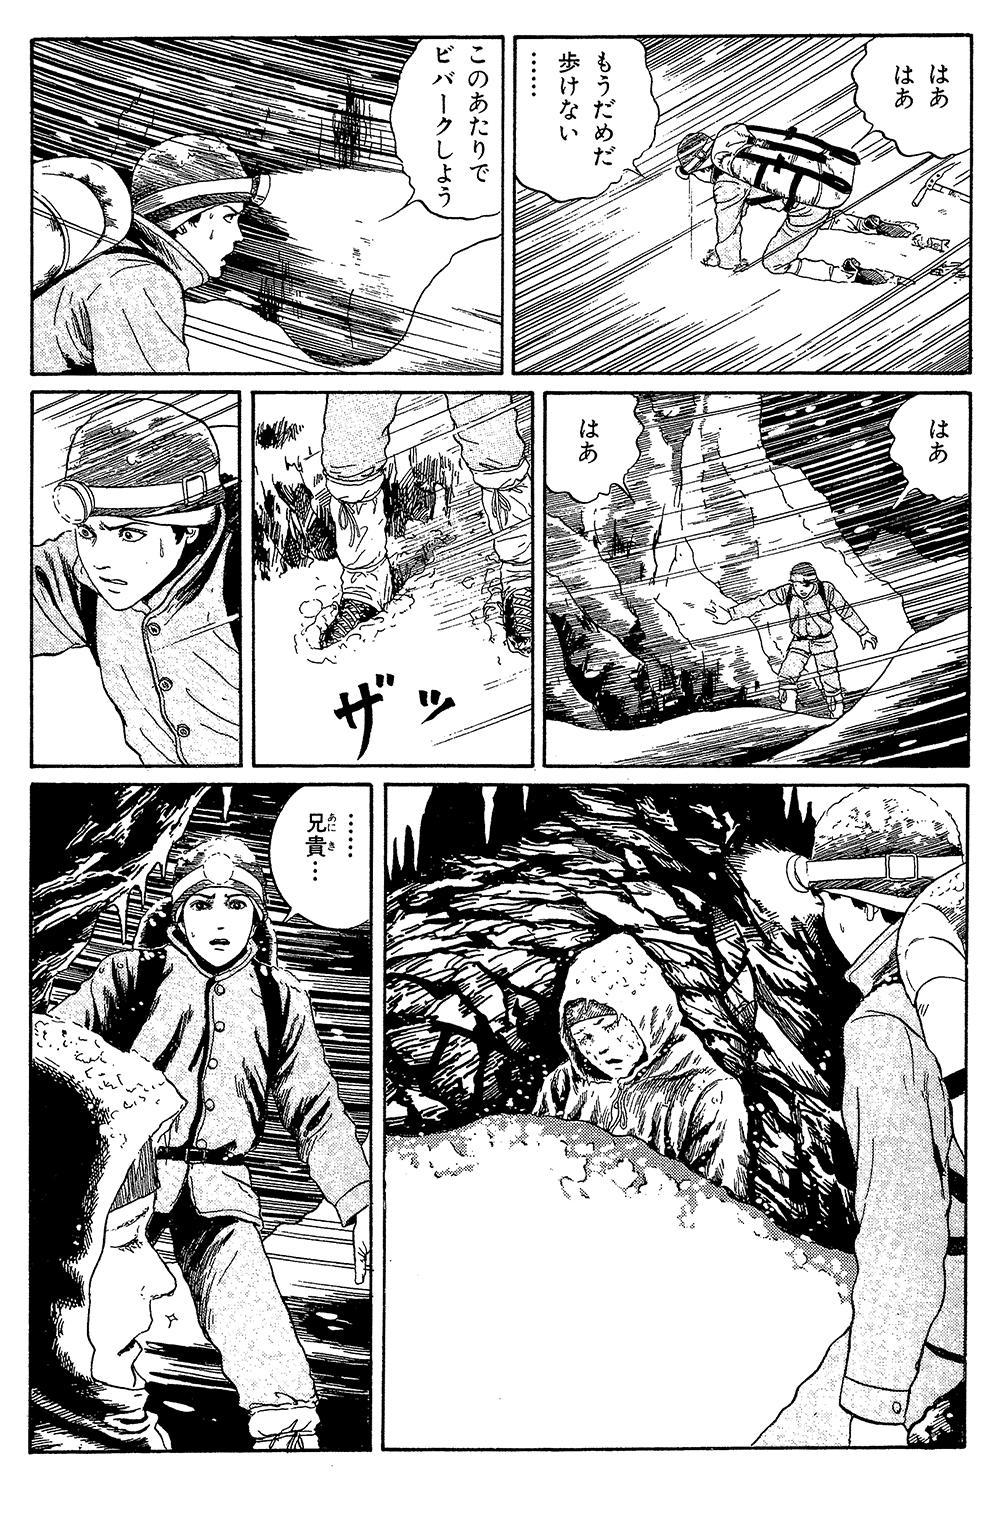 伊藤潤二傑作集 第7話「富江・復讐」2itouj24-0306.jpg